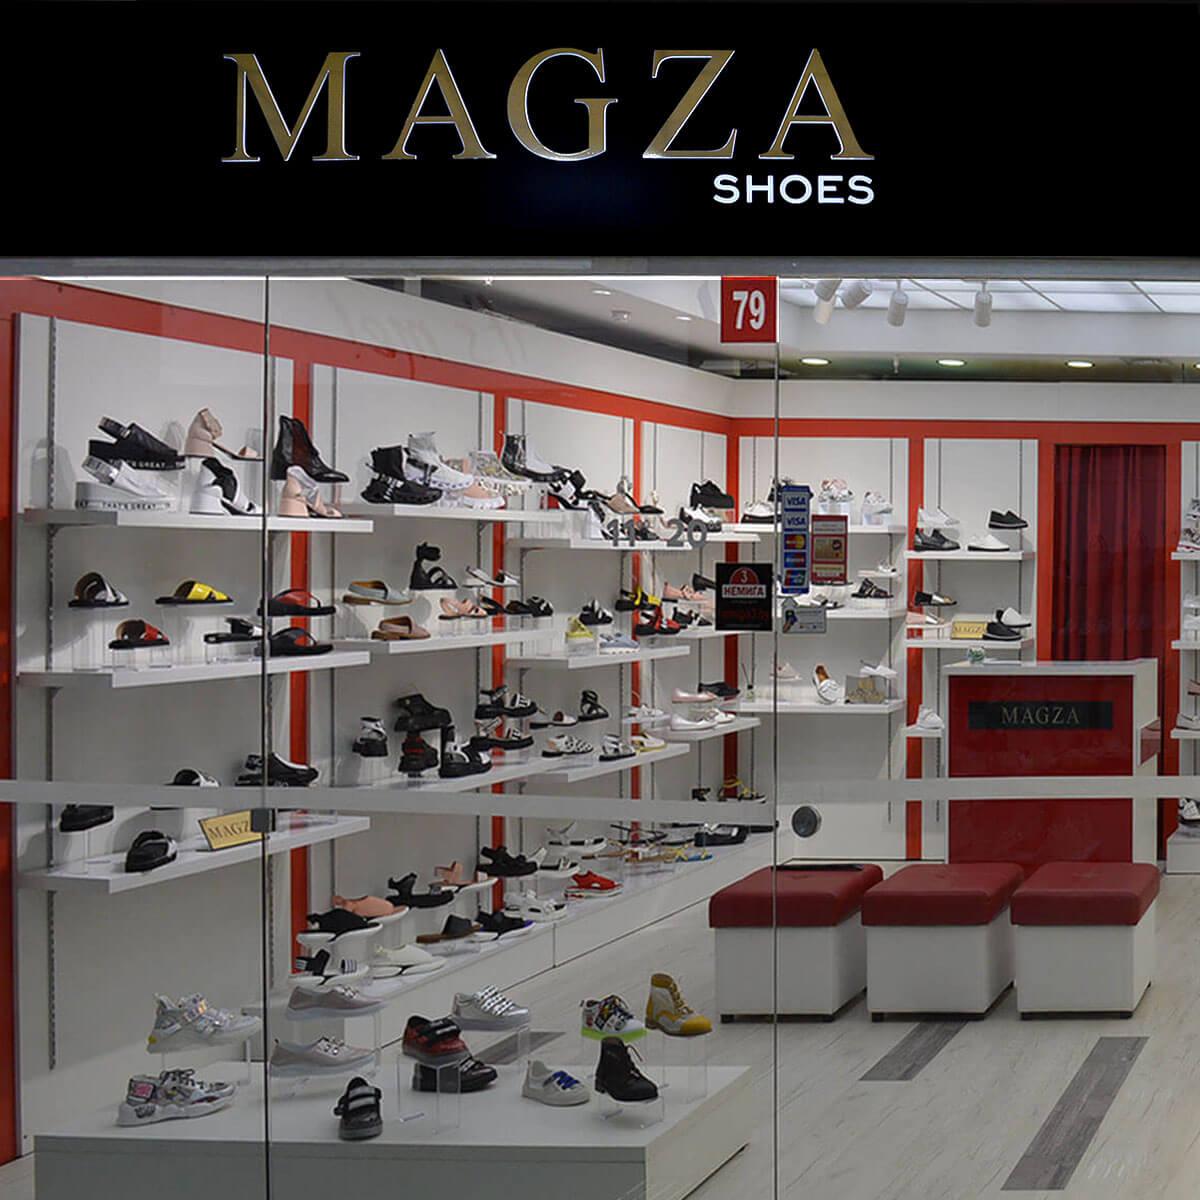 Магазин «MAGZA shoes» приглашает в новый большой павильон на 1-м этаже Торгового центра «Немига 3»